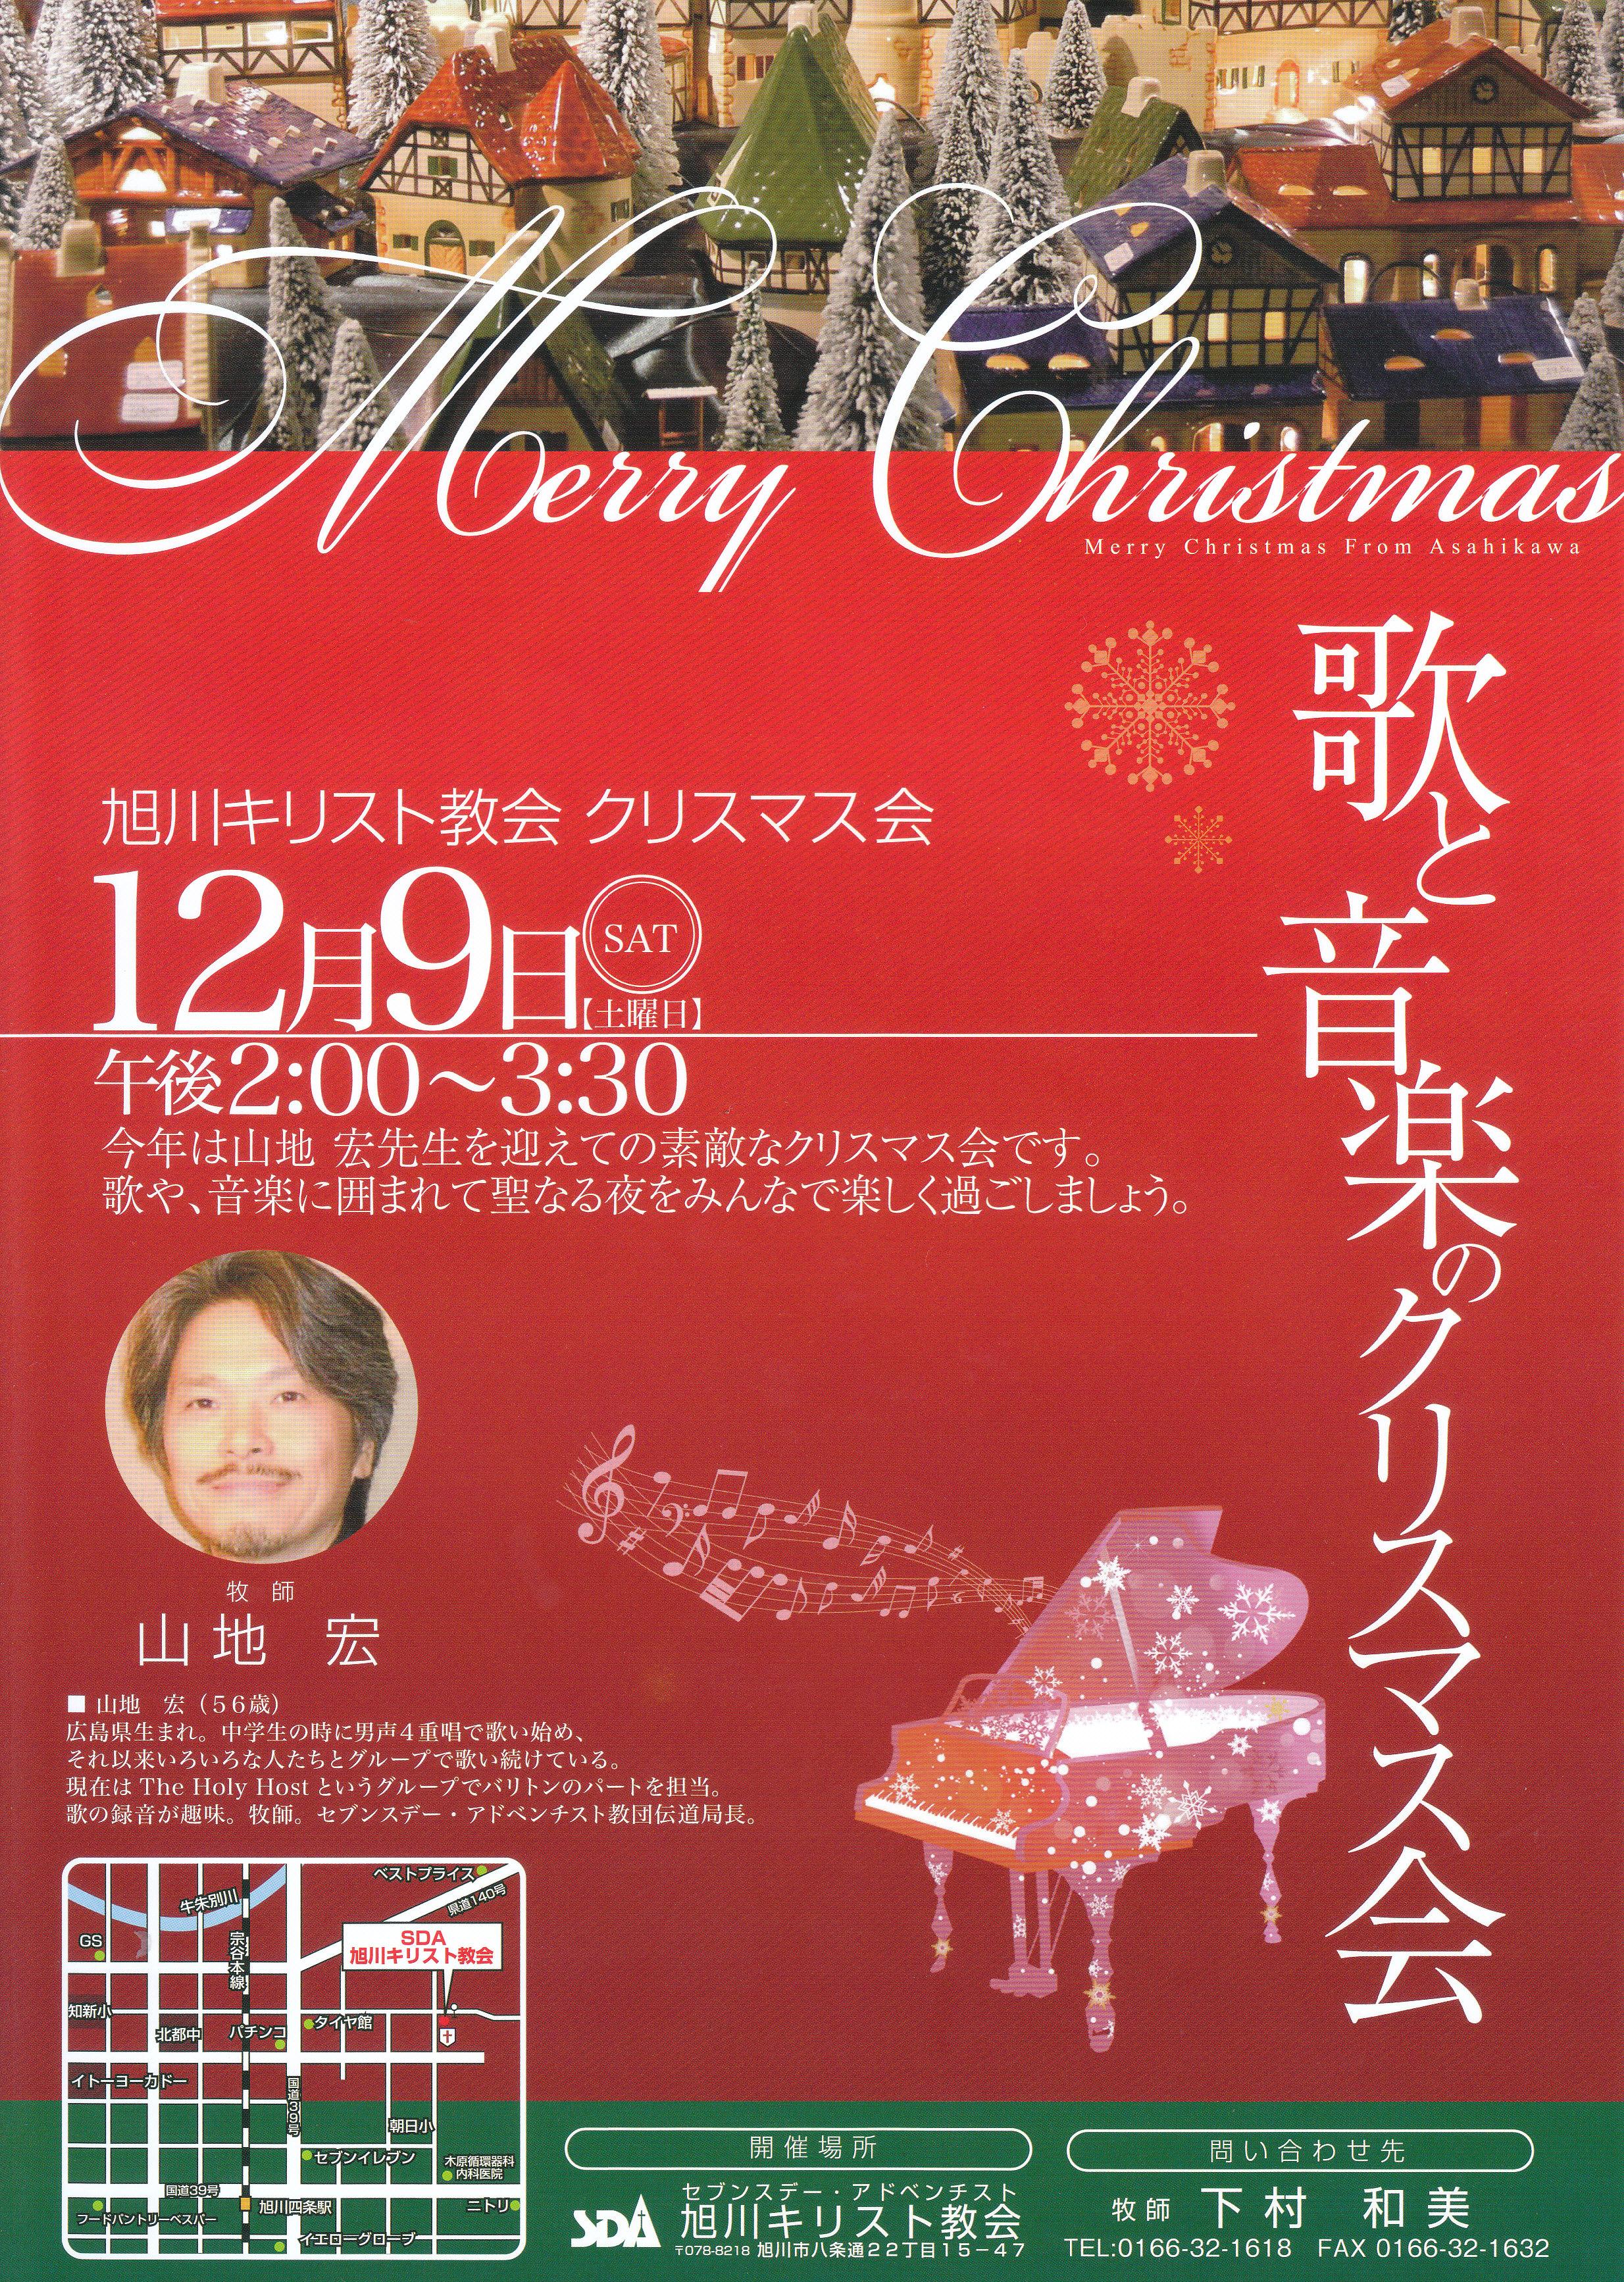 歌と音楽のクリスマス会